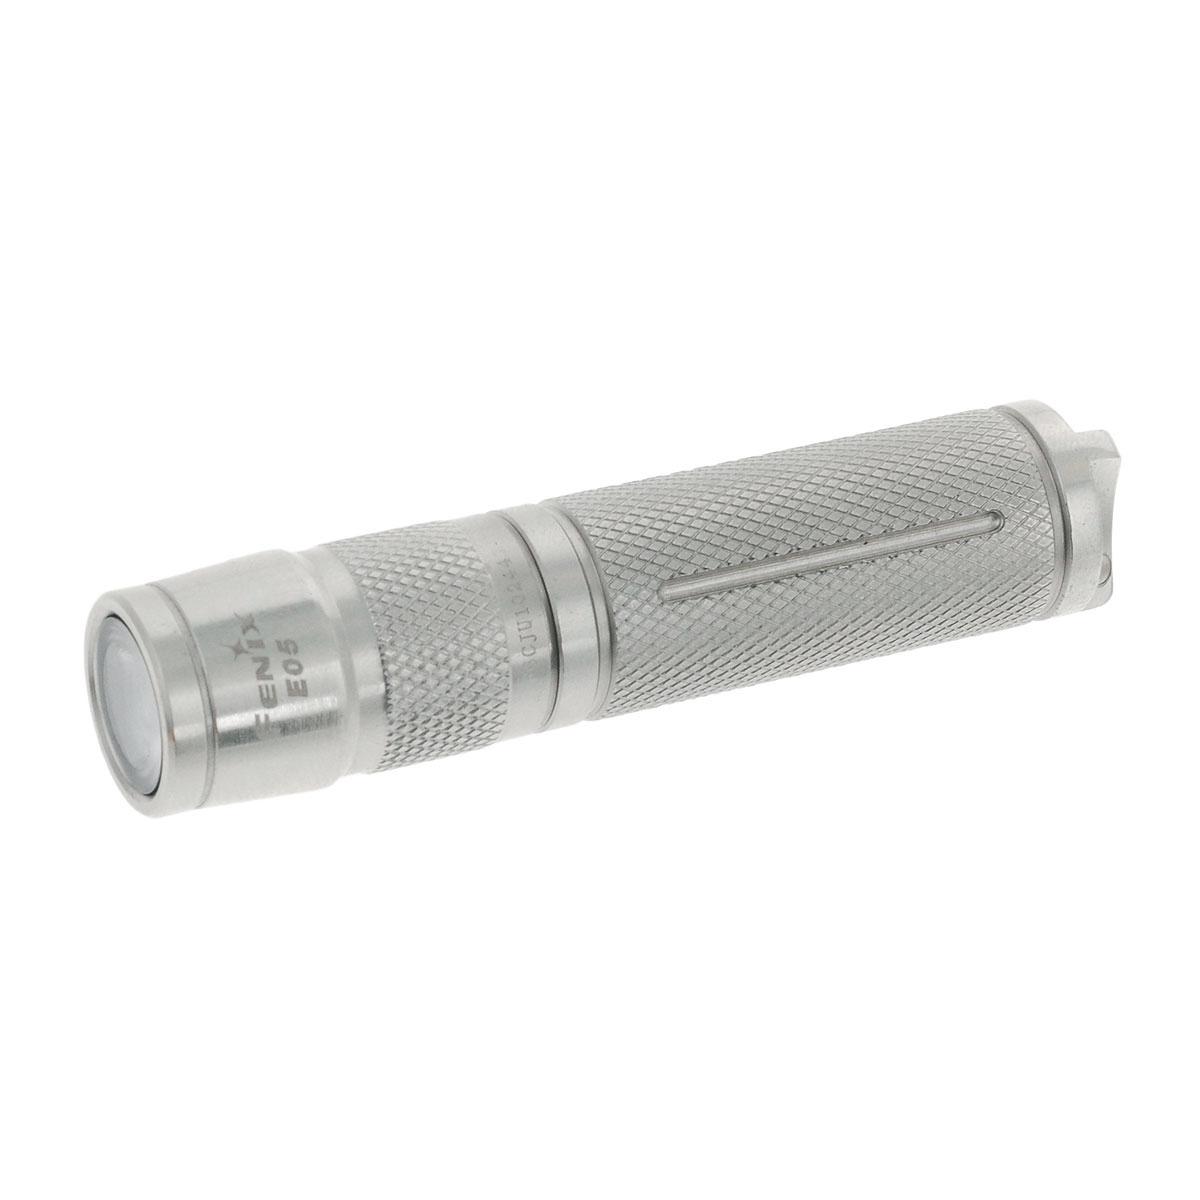 Фонарь Fenix E05 SSE05SSFenix E05 SS Cree XP-E2 LED — совсем крохотный фонарик с завидно широкими возможностями. Длина его корпуса — всего 66,5 мм, а диаметр — 15 мм. При этом устройство воспроизводит световой поток мощностью до 85 люмен. Производители заложили 3 уровня яркости, чтобы можно было выбрать наиболее подходящий условиям режим работы. Минимальный свет от этого фонаря 8 люмен, чего достаточно, чтобы освещать дорогу под ногами и отыскать на небольшом пространстве потерявшийся предмет. Режим среднего света достигает значения 25 люмен. Такой яркости достаточно для ориентирования в условиях туристического лагеря, использования фонаря в быту. Наиболее интенсивный свет в 85 люмен с дальностью луча 45 метров обеспечивает хорошую видимость в большинстве условий. Высокое качество света стало возможным для этого фонарика-брелока благодаря тому, что в его конструкции использован современный светодиод Cree XP-E2. К тому же, этот полупроводниковый прибор проработает более 50 000...